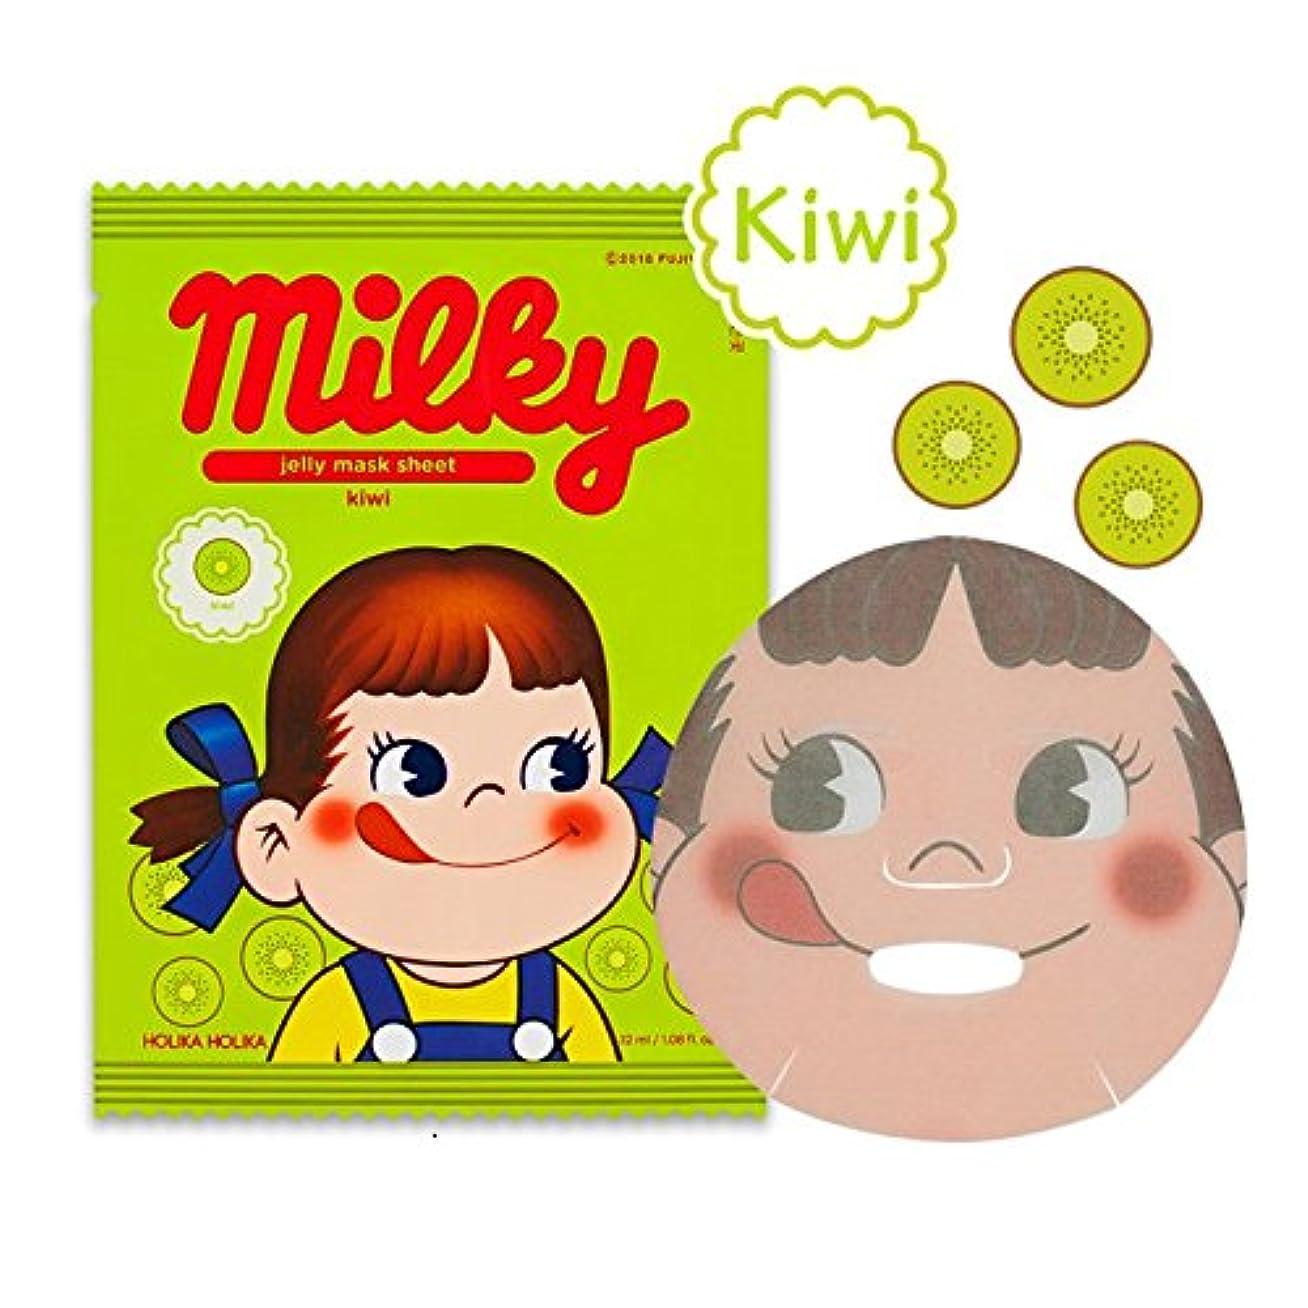 フラフープ底居心地の良いHolika Holika [Sweet Peko Edition] Peko Pure Essence Jelly Mask Sheet - Kiwi 3EA/ホリカホリカ [スイートペコエディション]ペコちゃんピュアエッセンスゼリーマスクシート 3枚 (キウイ) [並行輸入品]